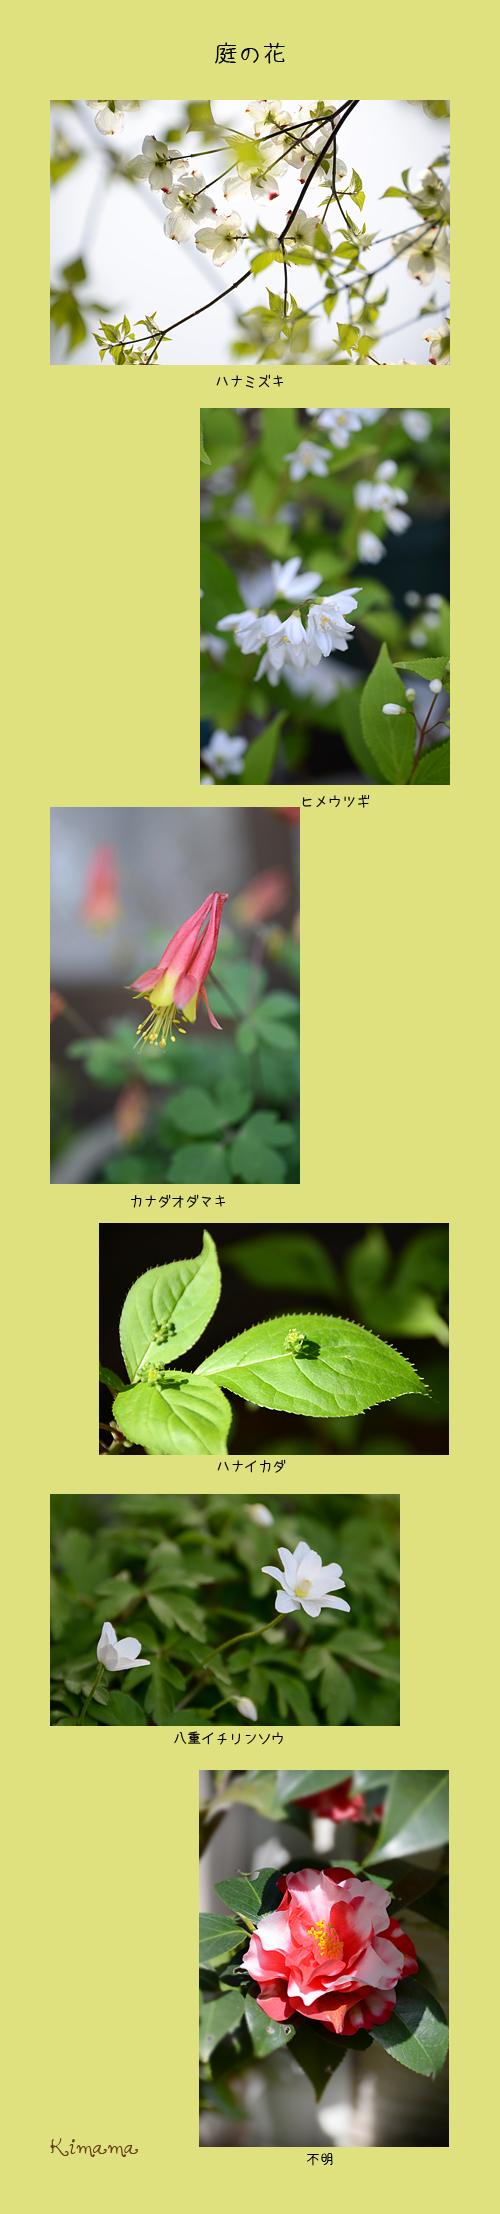 4月16日庭の花